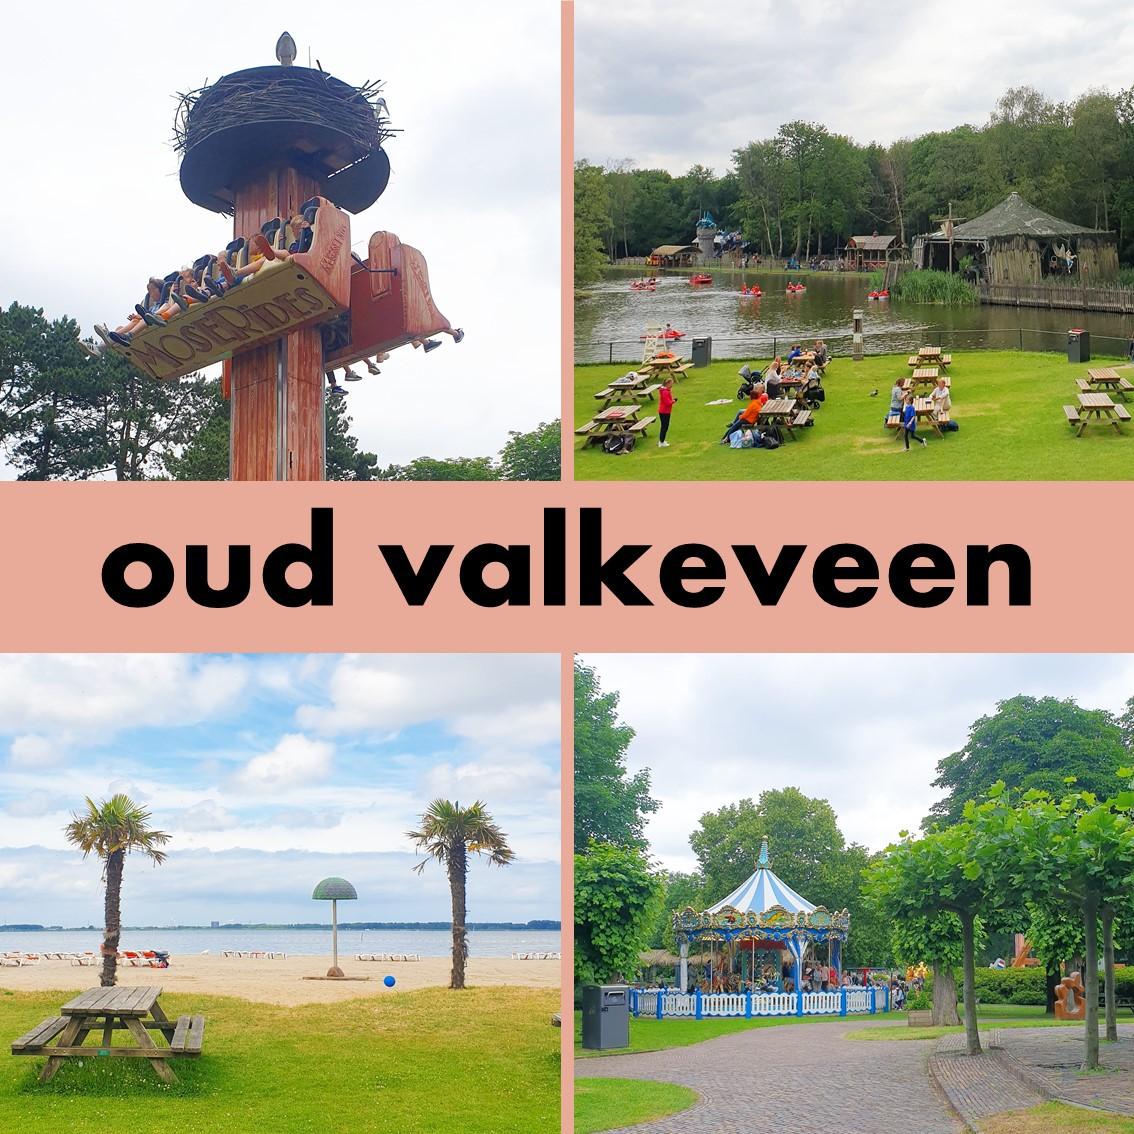 Oud Valkeveen review: sfeervolle kruising tussen pretpark en speeltuin. Het is een van de populairste uitjes voor jonge kinderen bij ons in de regio: Oud Valkeveen. Geen wonder, het is een kleinschalig pretpark, dat toch sfeervol is. Tijd dus voor een review van Oud Valkeveen, voor onze kids er alweer te groot voor zijn.